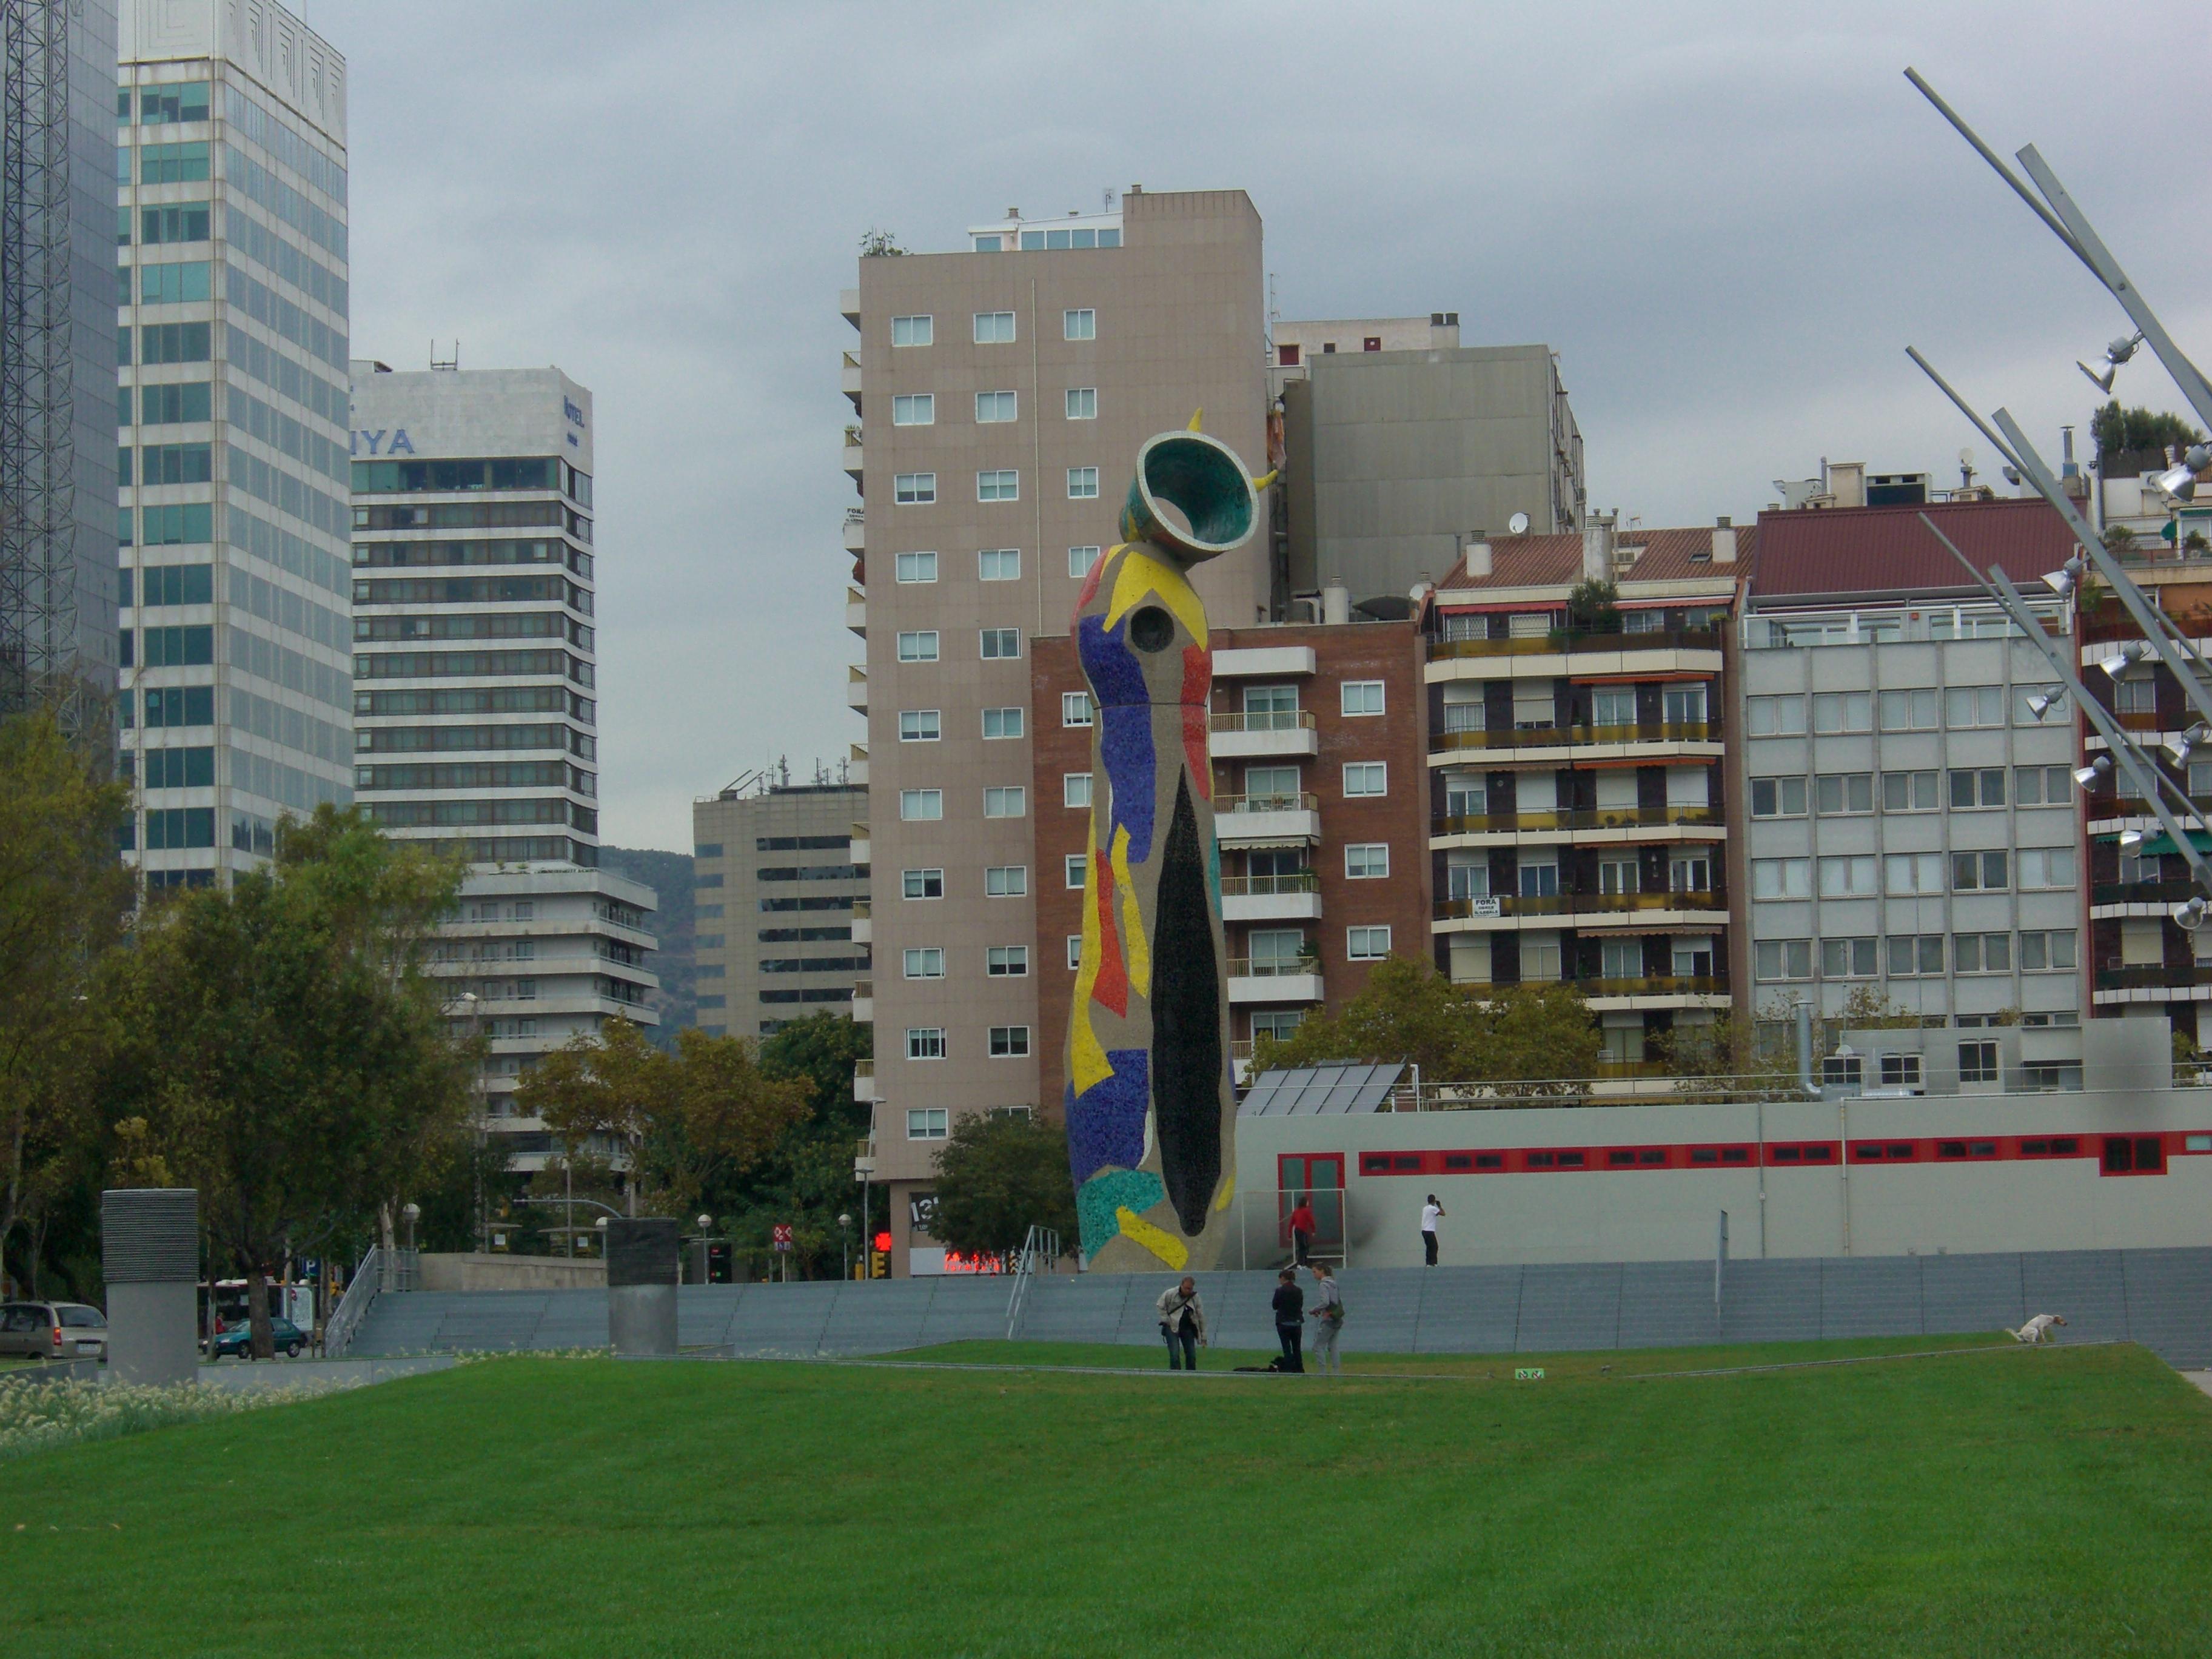 バルセロナ市内にあるミロのパブリックアート